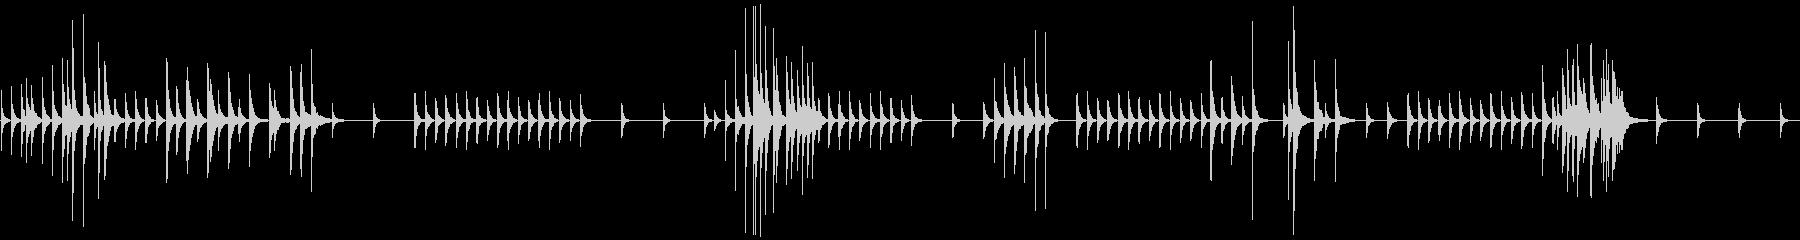 涅槃の実体の未再生の波形